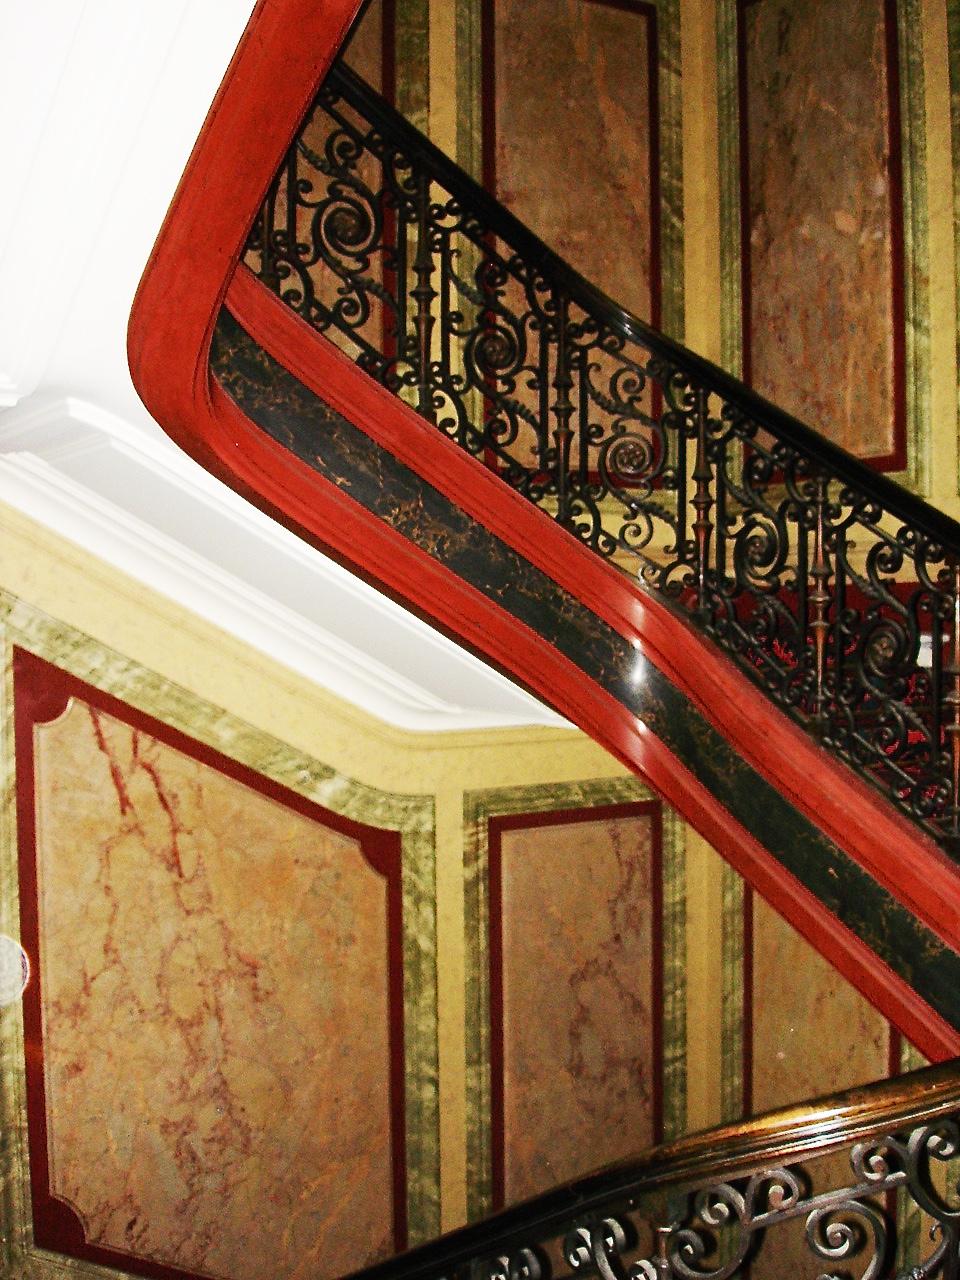 Faux marbre - Cage d'escalier - La Madeleine Paris - France